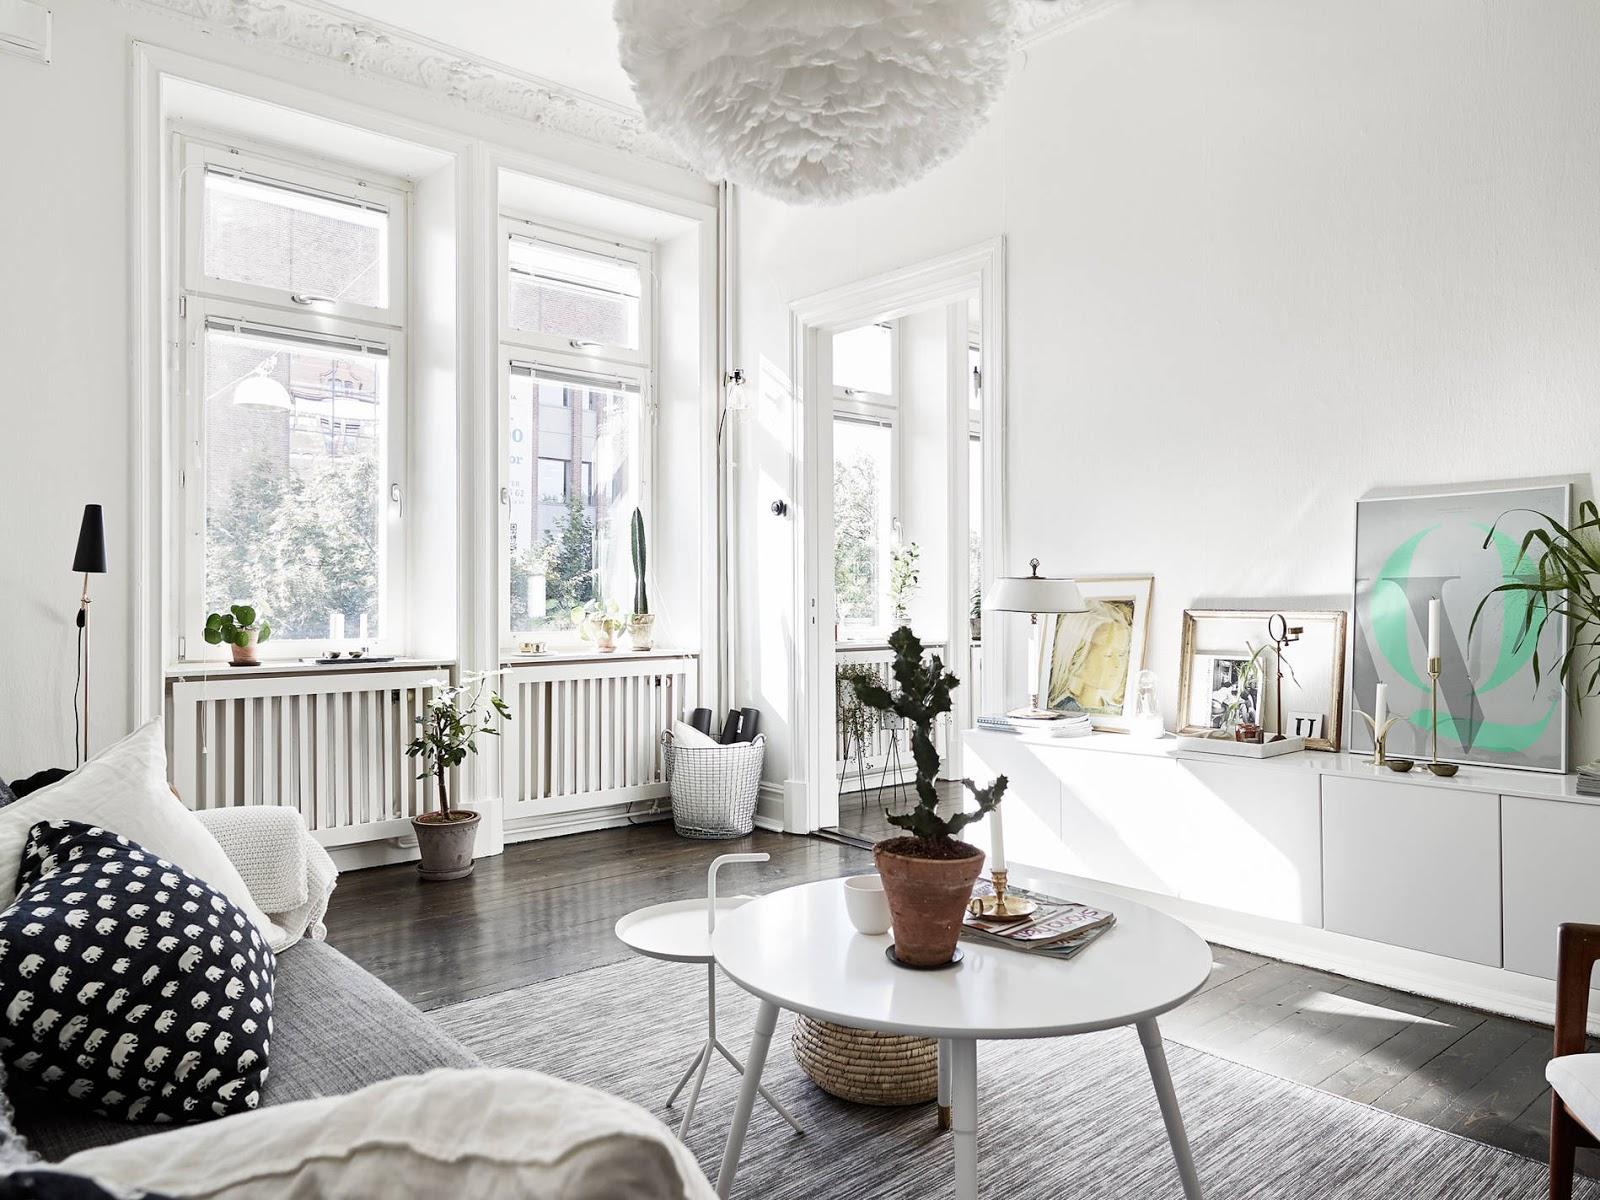 appartamento romantico con pareti bianche e pavimento